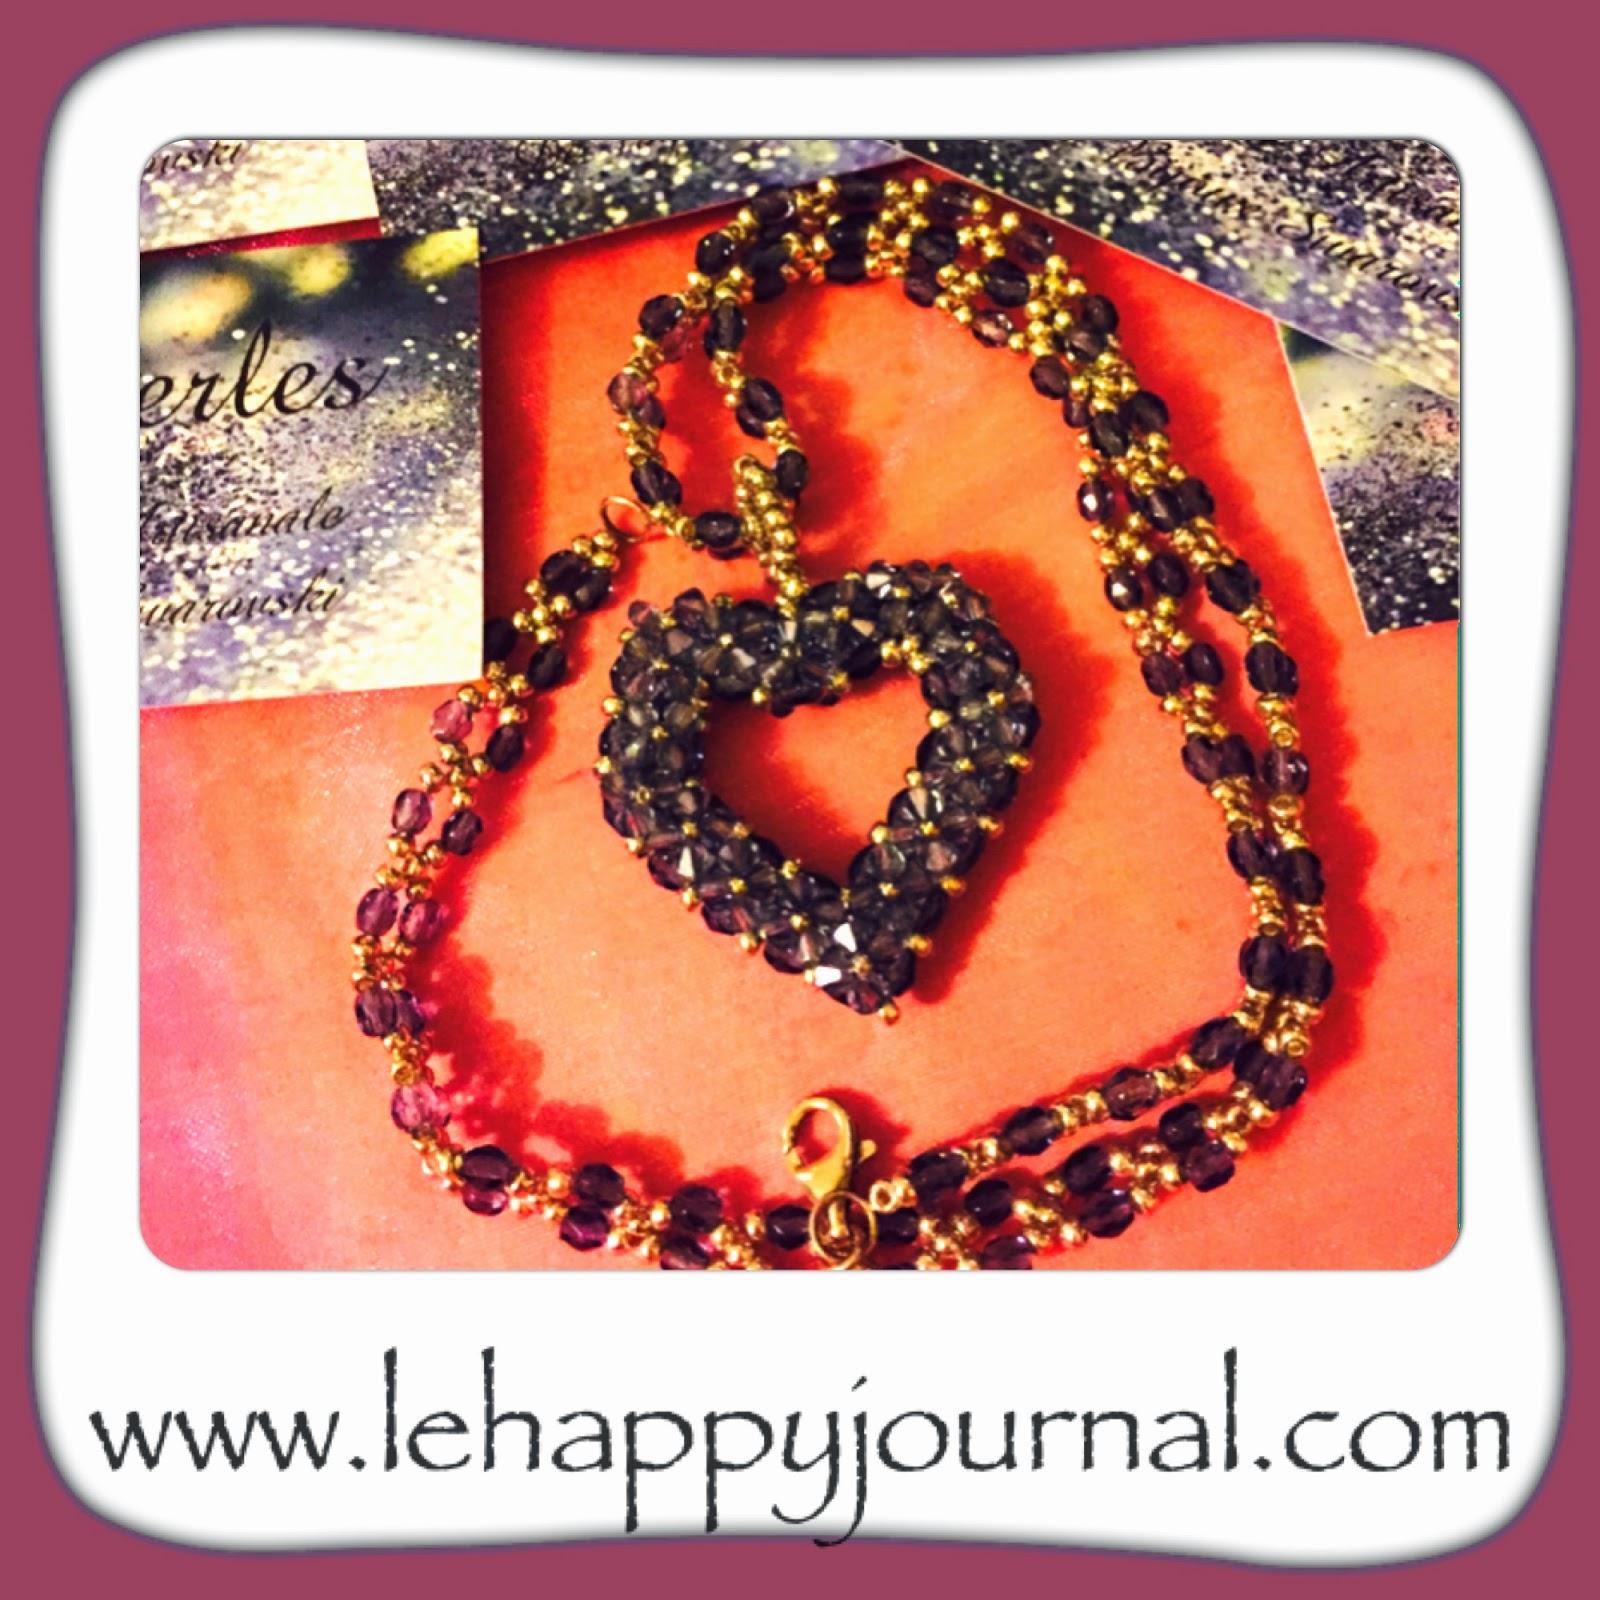 lilyperle, creatrice, bijoux, swarovski, partenaire, alittlemarket, bracelet, collier, boucle d'oreilles, happy journal